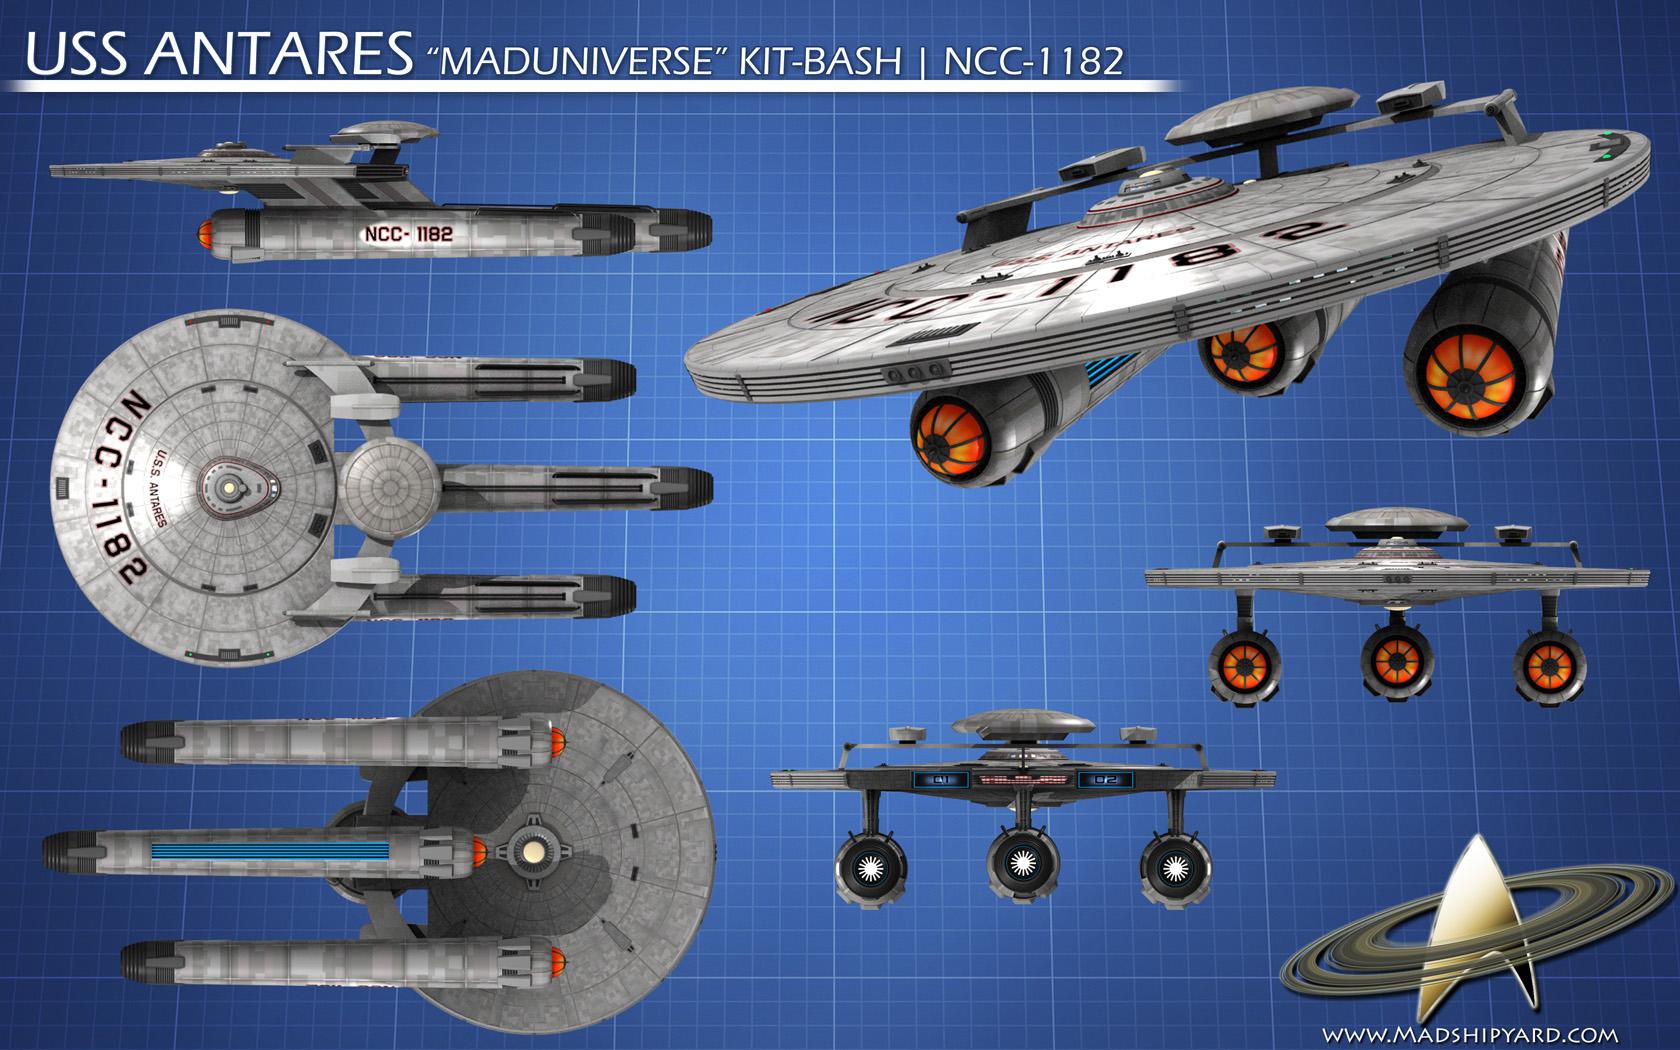 Star Trek Database - New Ships as of July 11, 2011